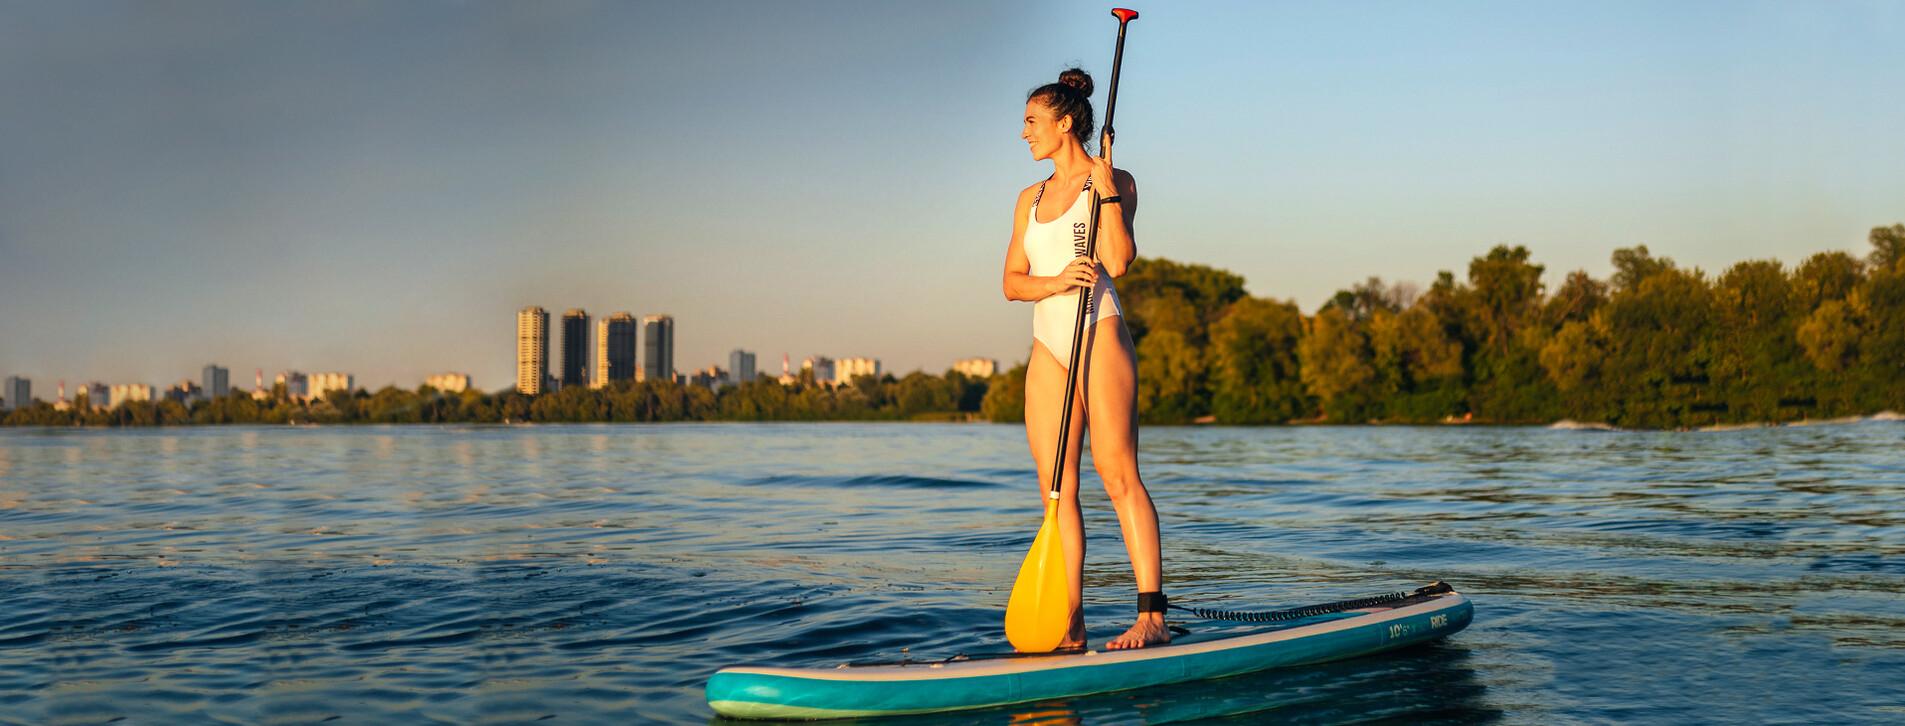 Фото 1 - SUP-серфинг